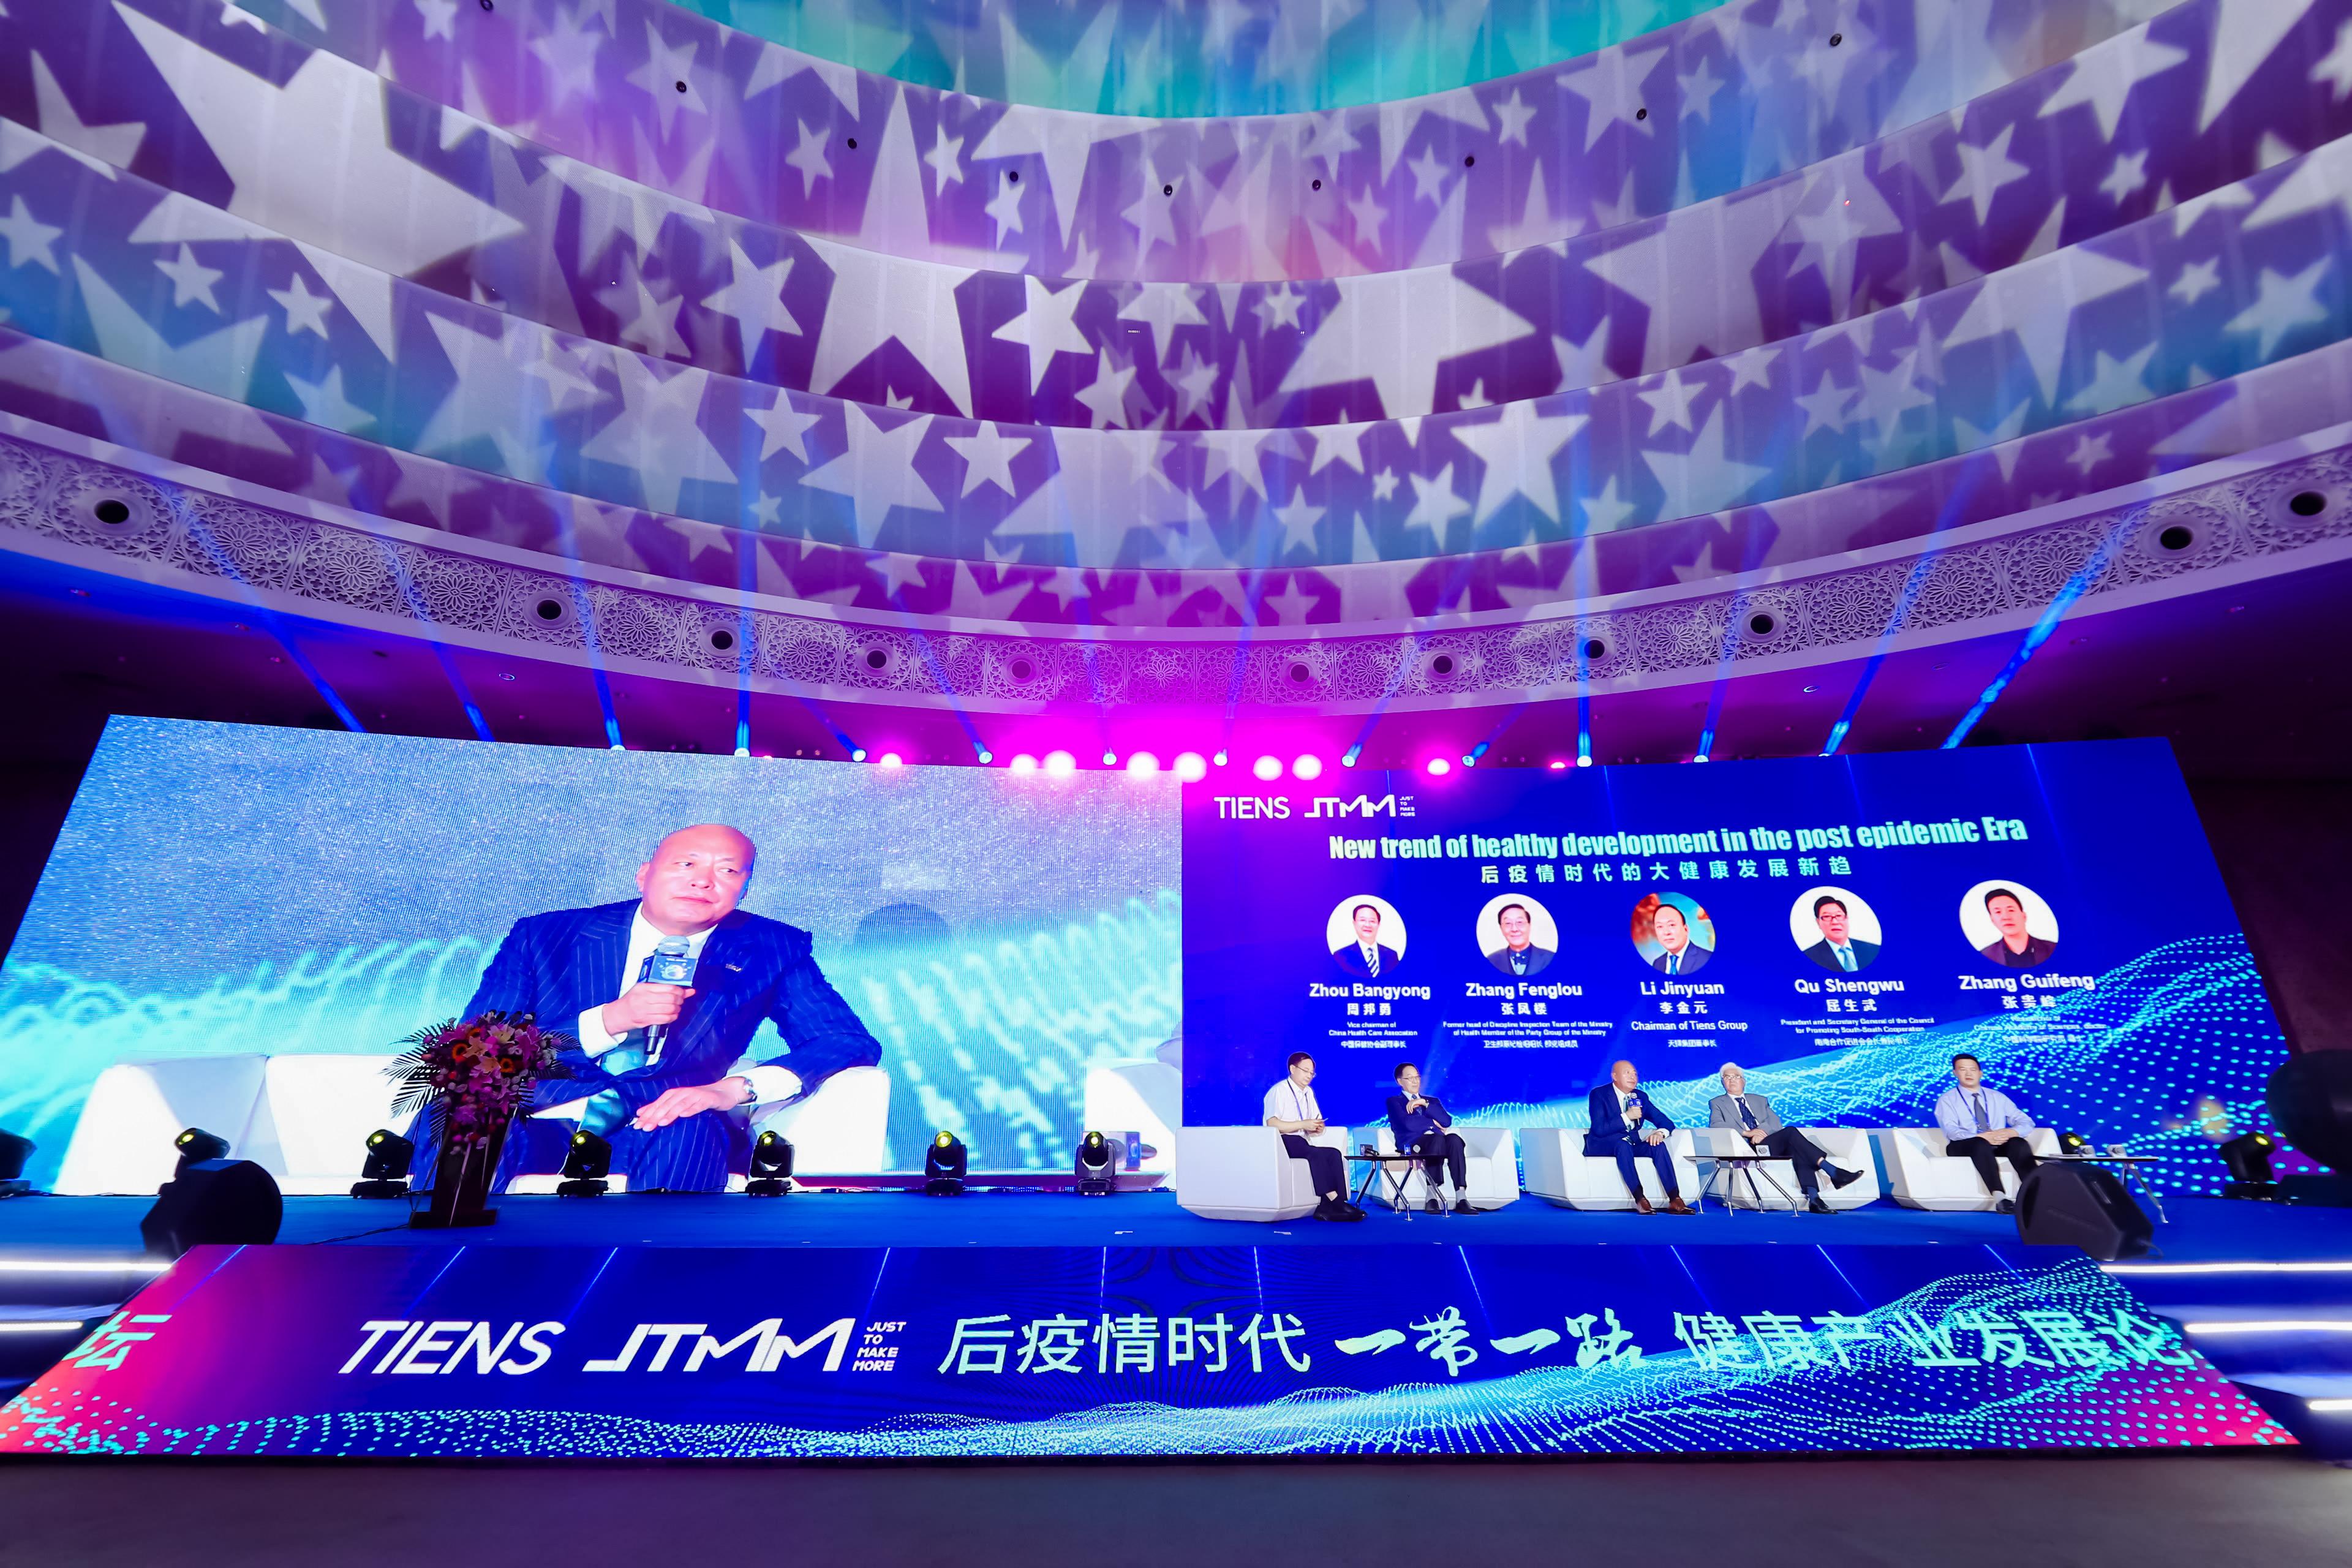 天狮集团举办后疫情时代一带一路健康产业发展论坛 ——适应全球新经济发展的思考与探索